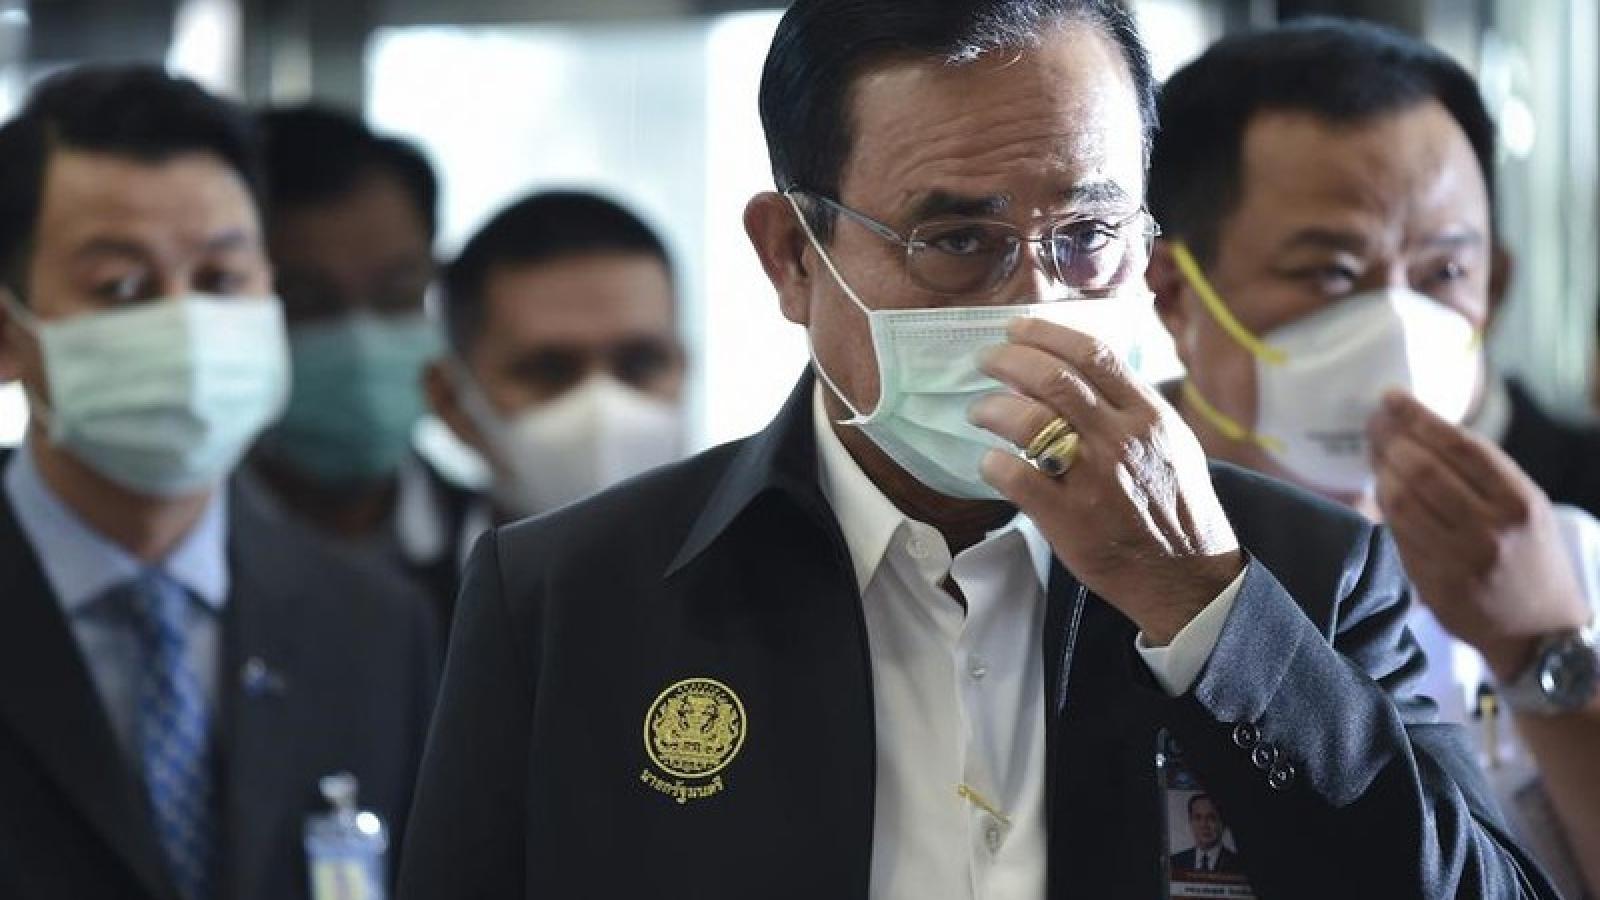 Thái Lan tự sản xuất thuốc kháng virus để điều trị Covid-19